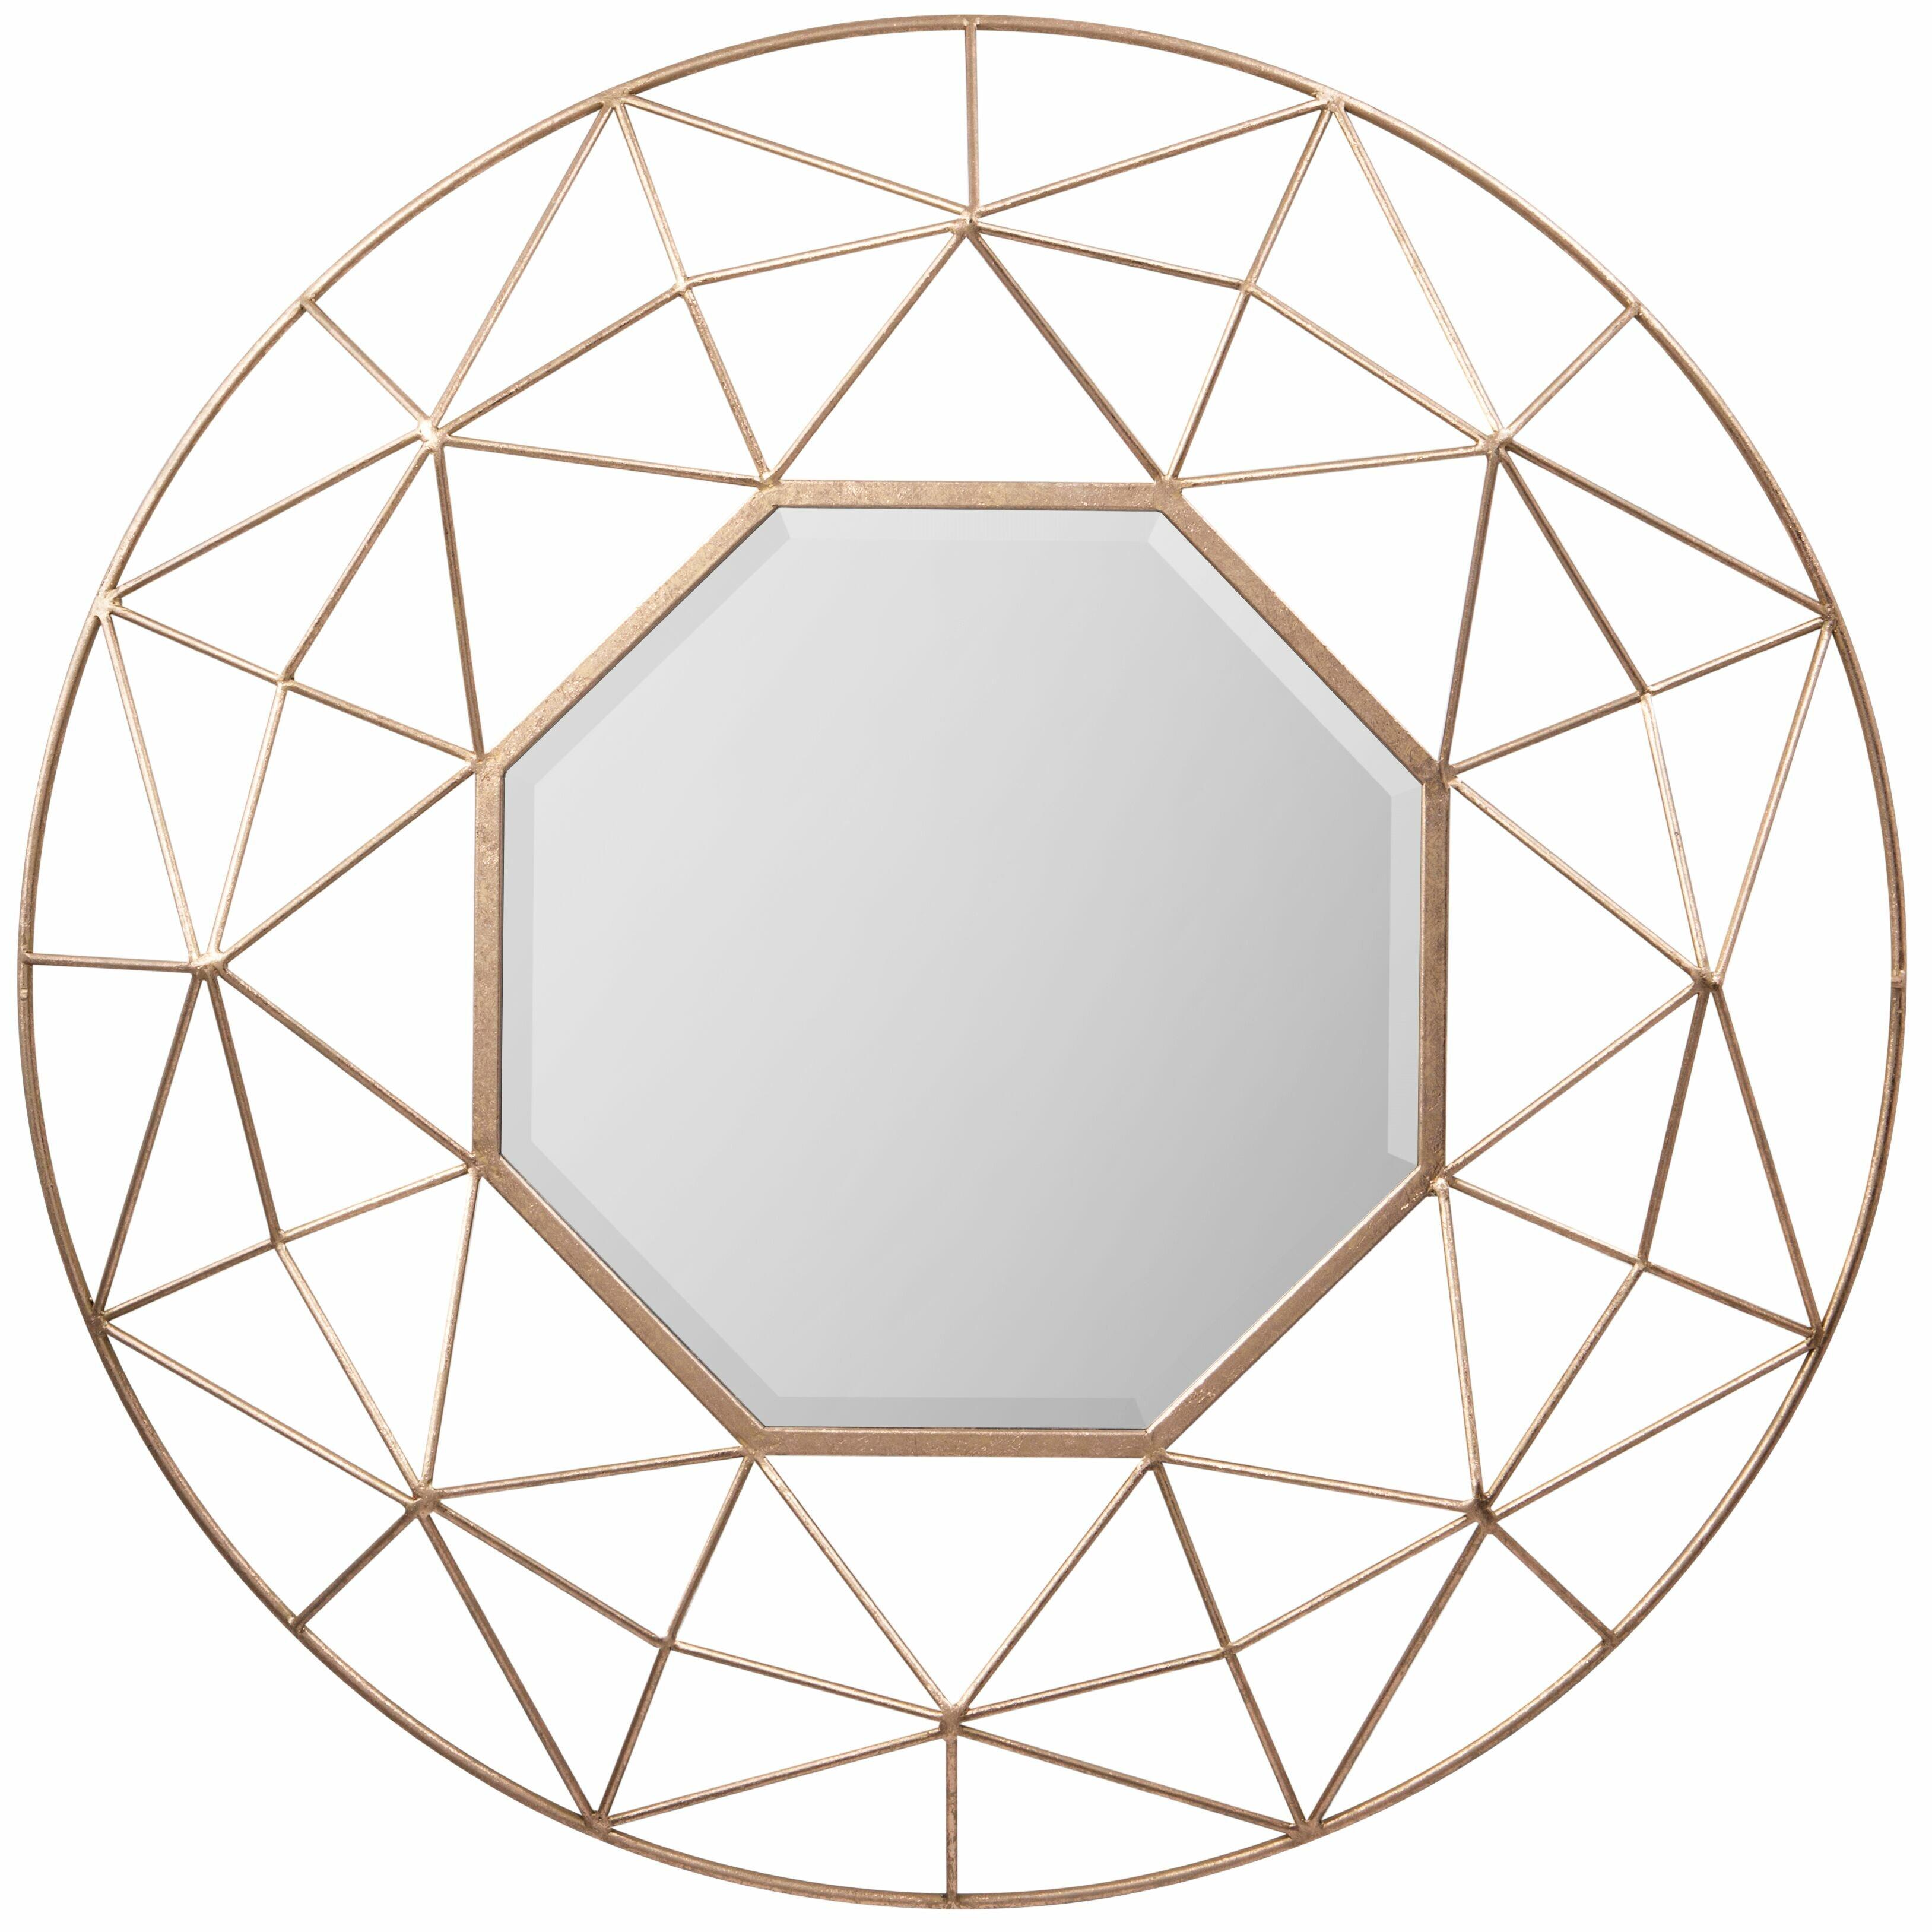 Eisenbarth Accent Mirror